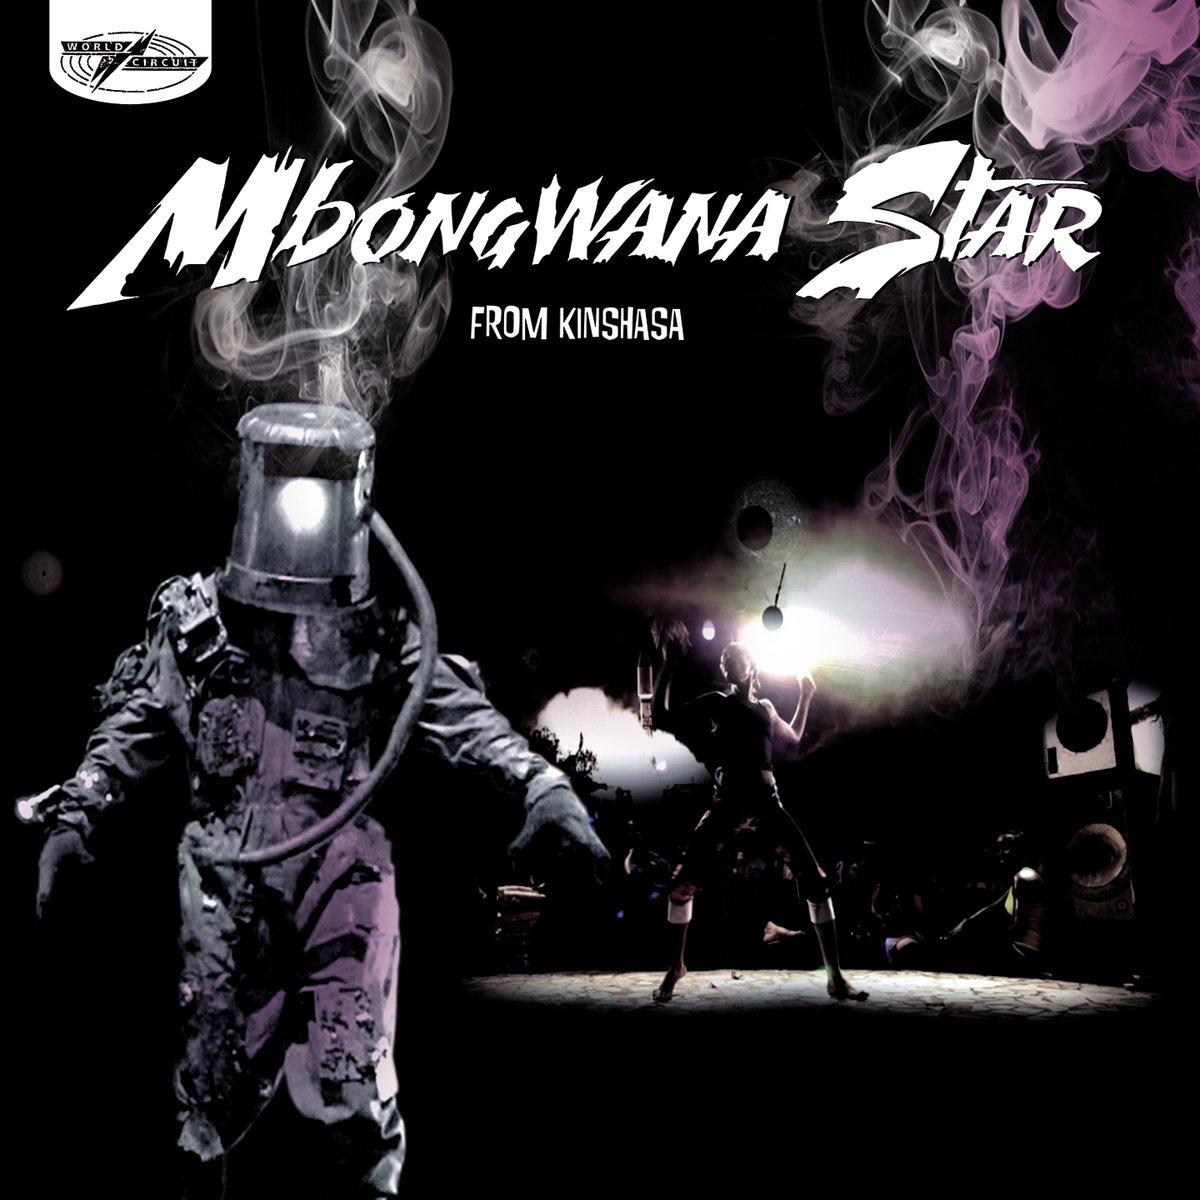 Mbongwana Star - From Kinshasa (LP) - World Circuit Records